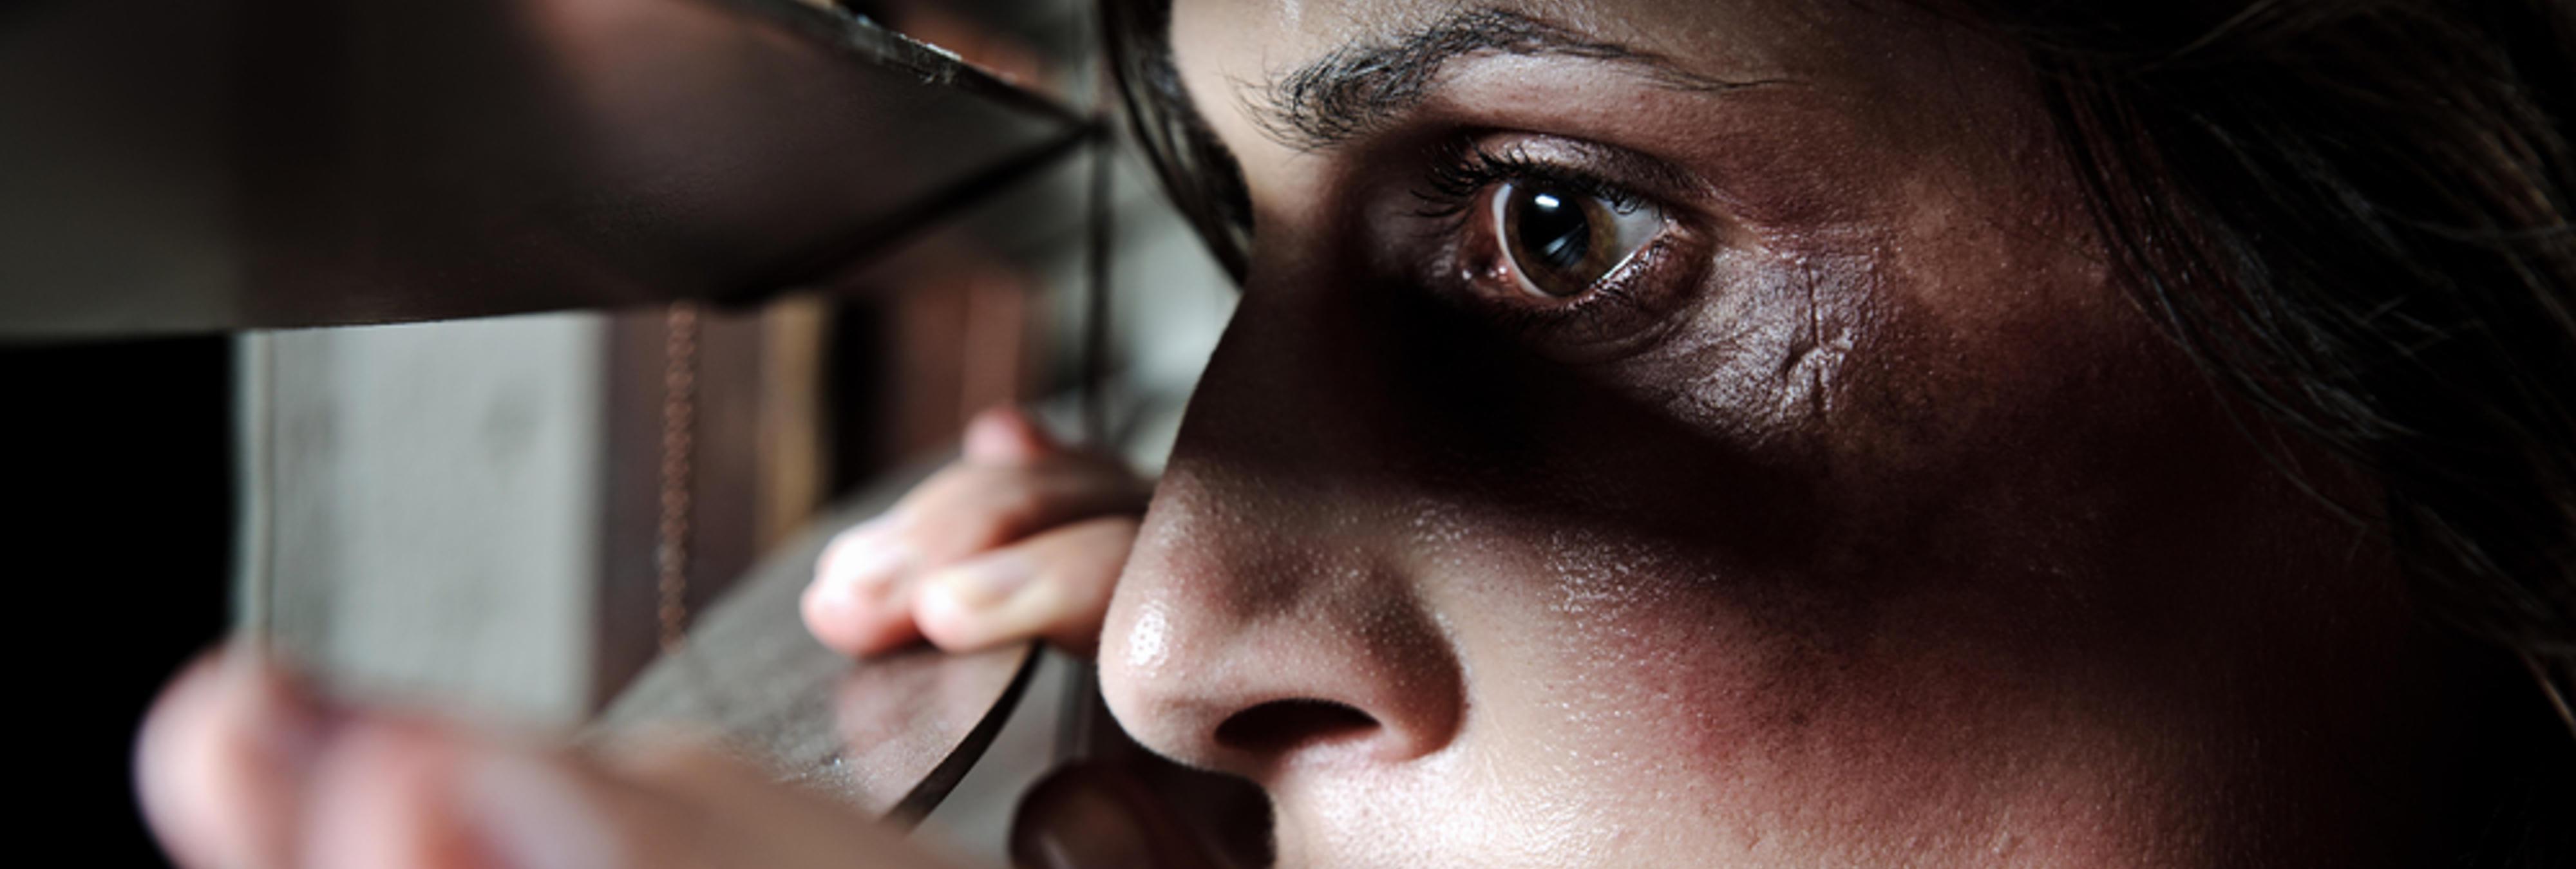 Una mujer maltratada es rescatada al pedir ayuda en los deberes de su hijo